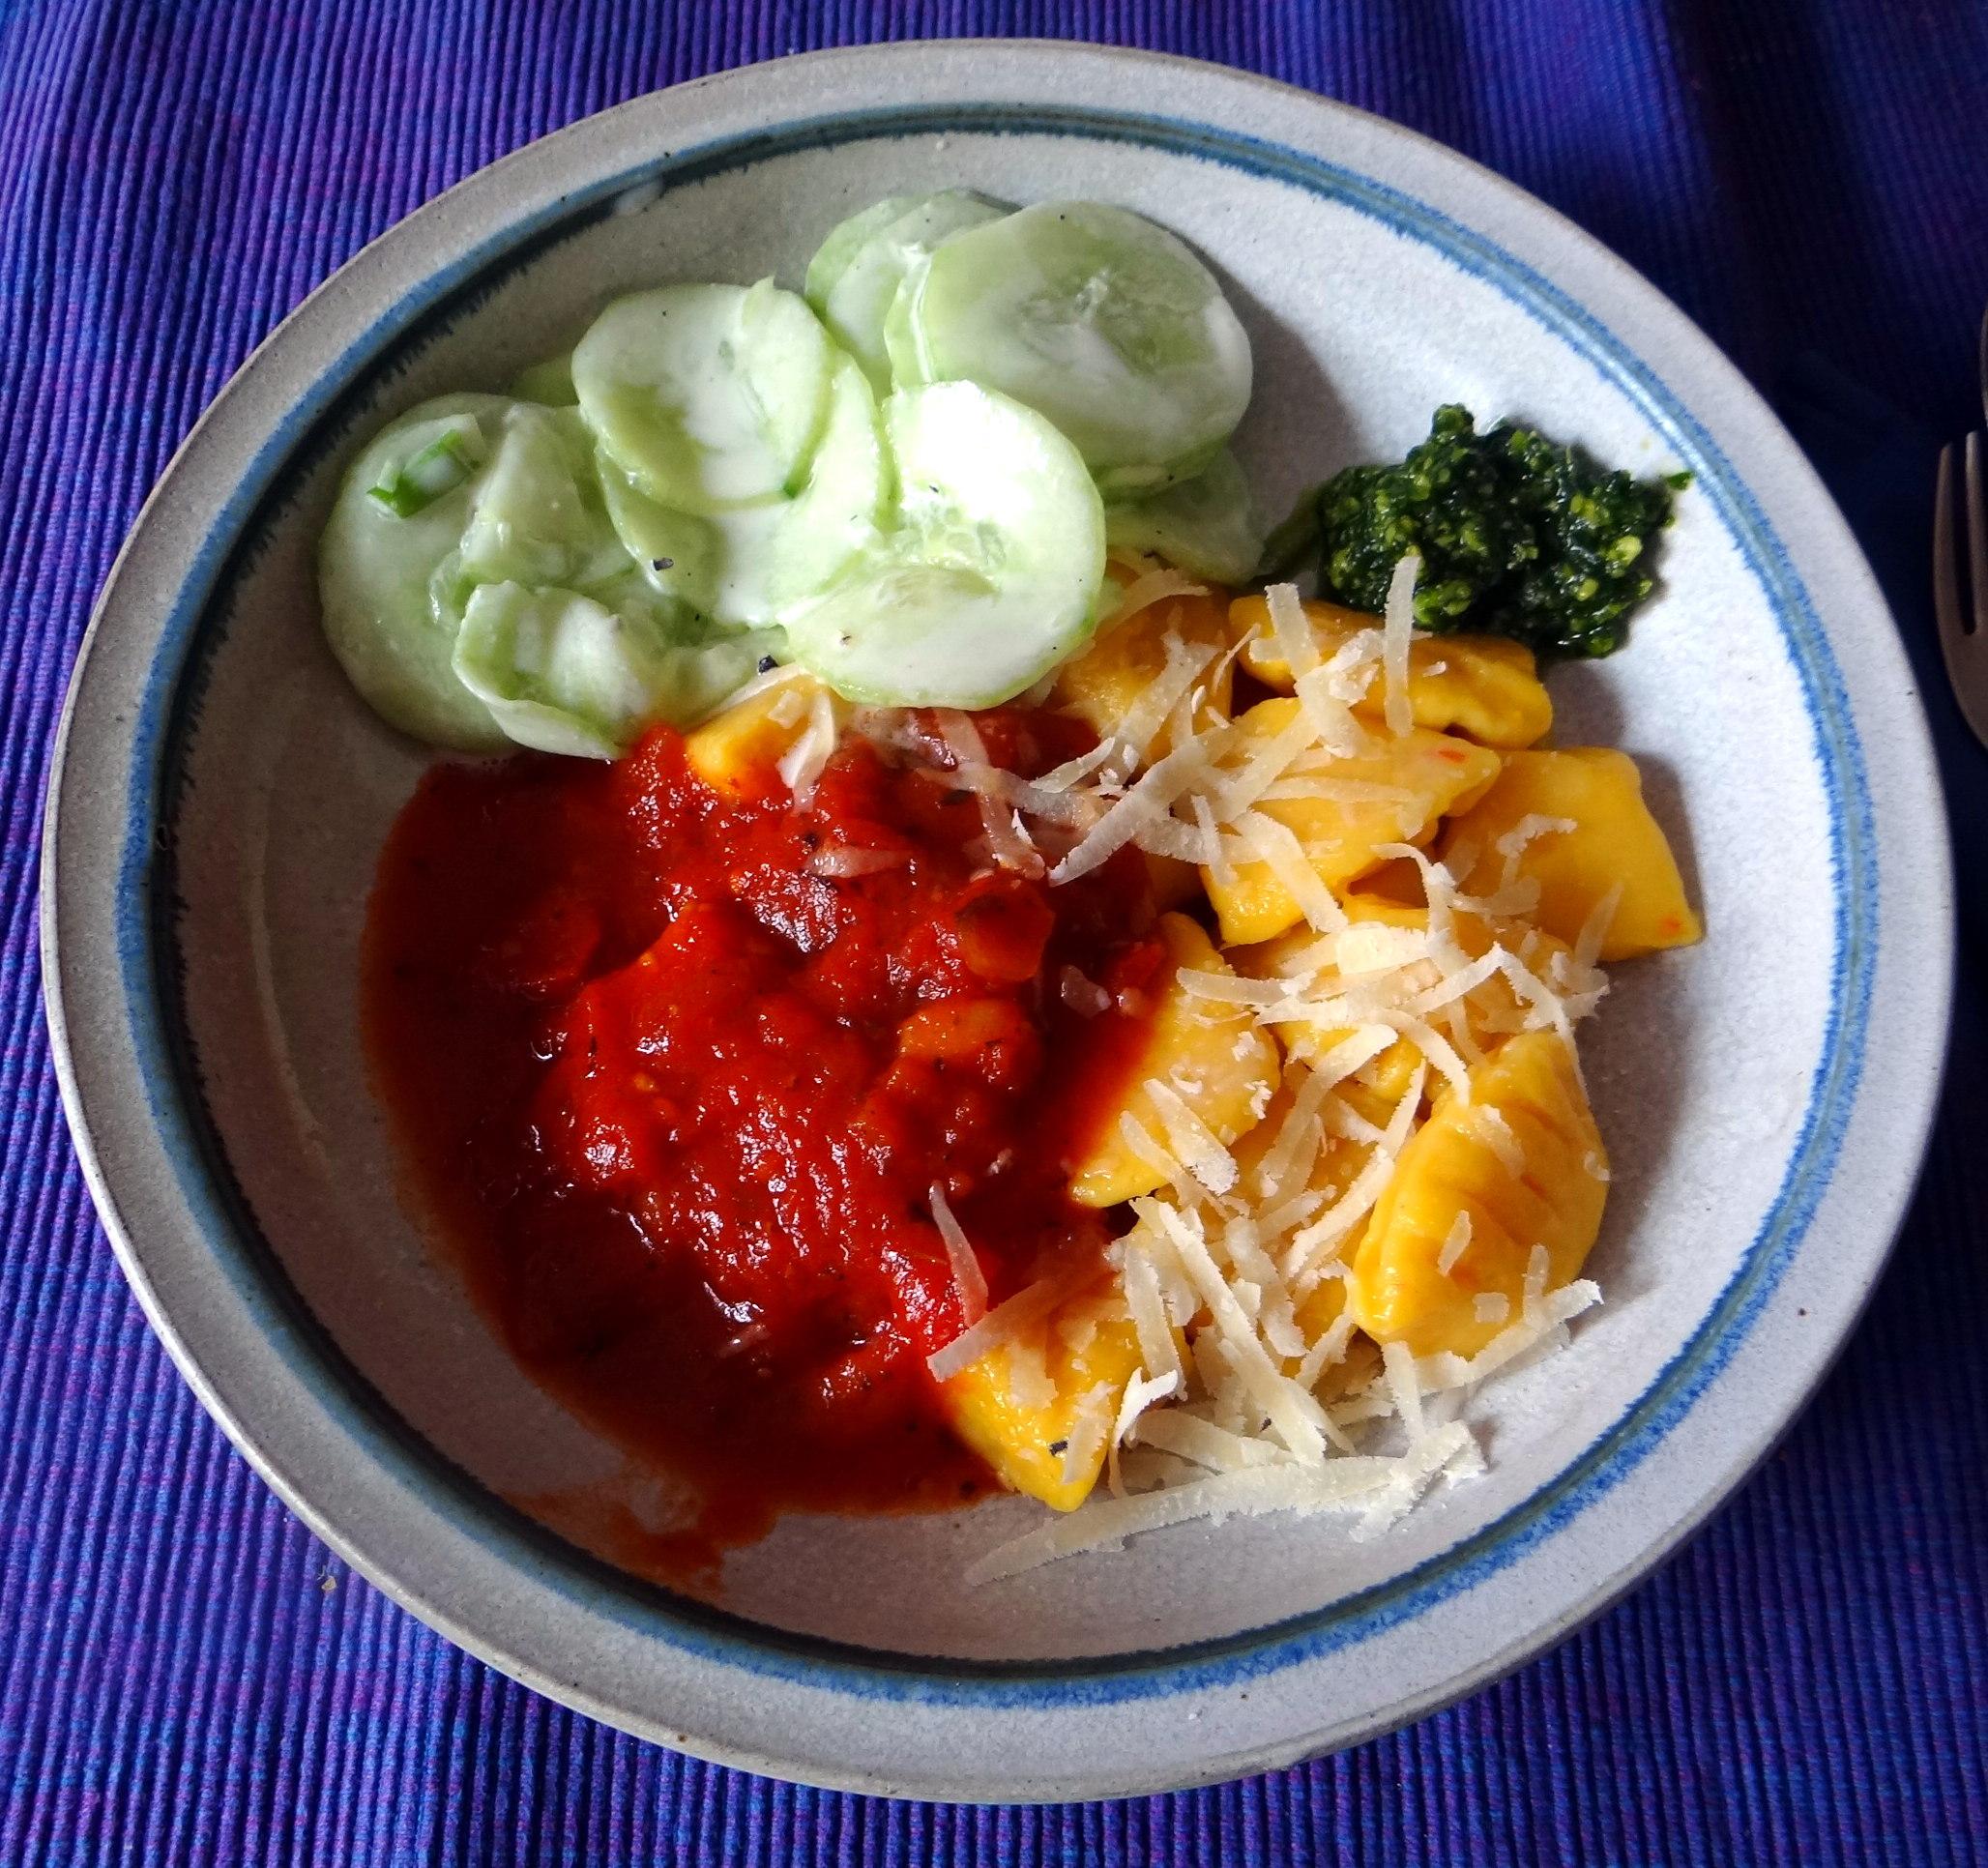 Kartoffel-Kürbis Gnocchis,Tomatensoße,Gurkensalat,vegetarisch (1)